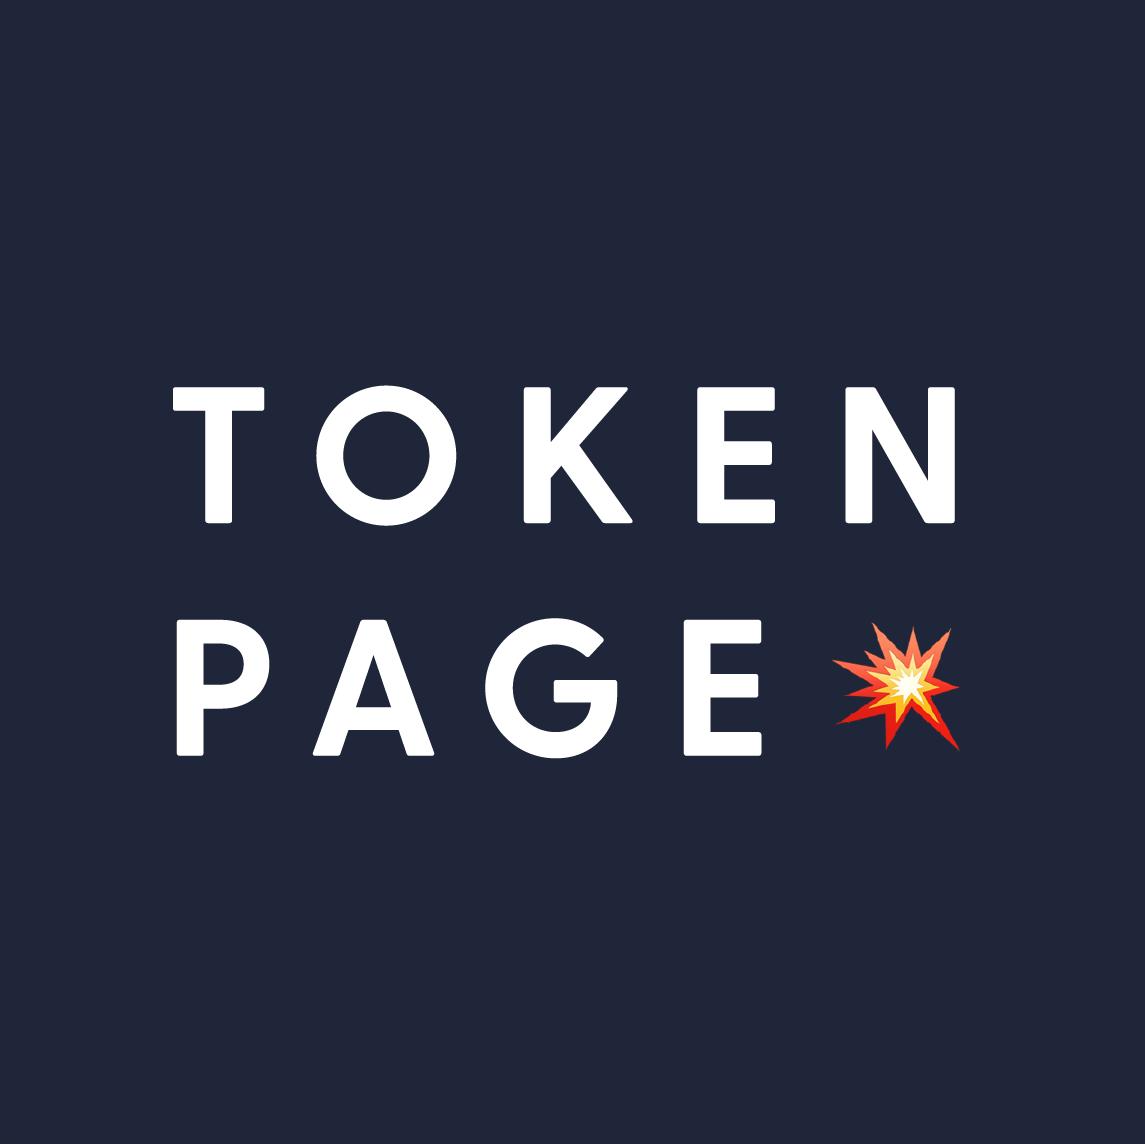 TokenPage